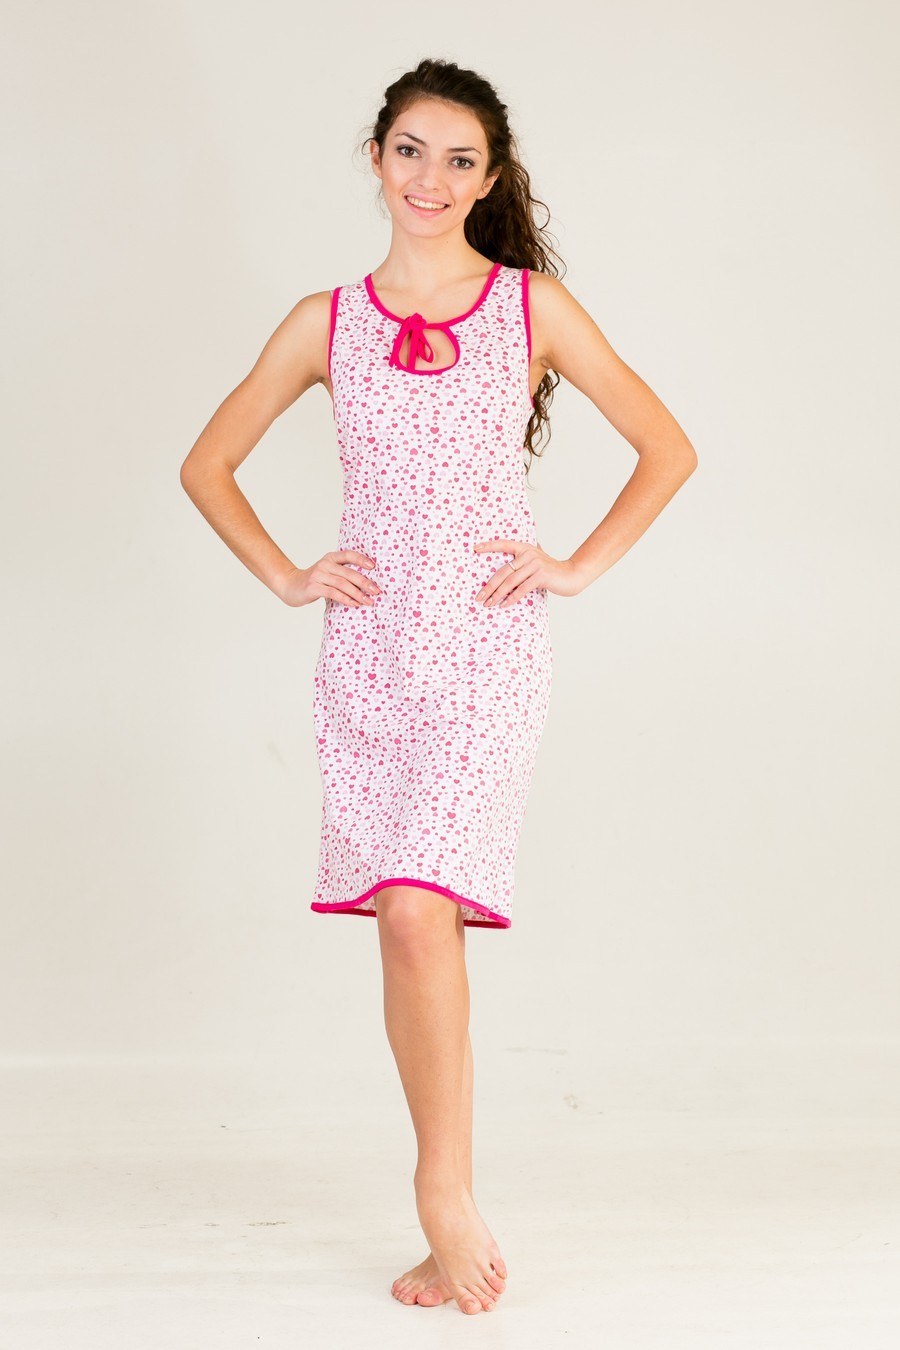 Сорочка женская Капля цвета в ассортиментеДомашняя одежда<br><br><br>Размер: 58